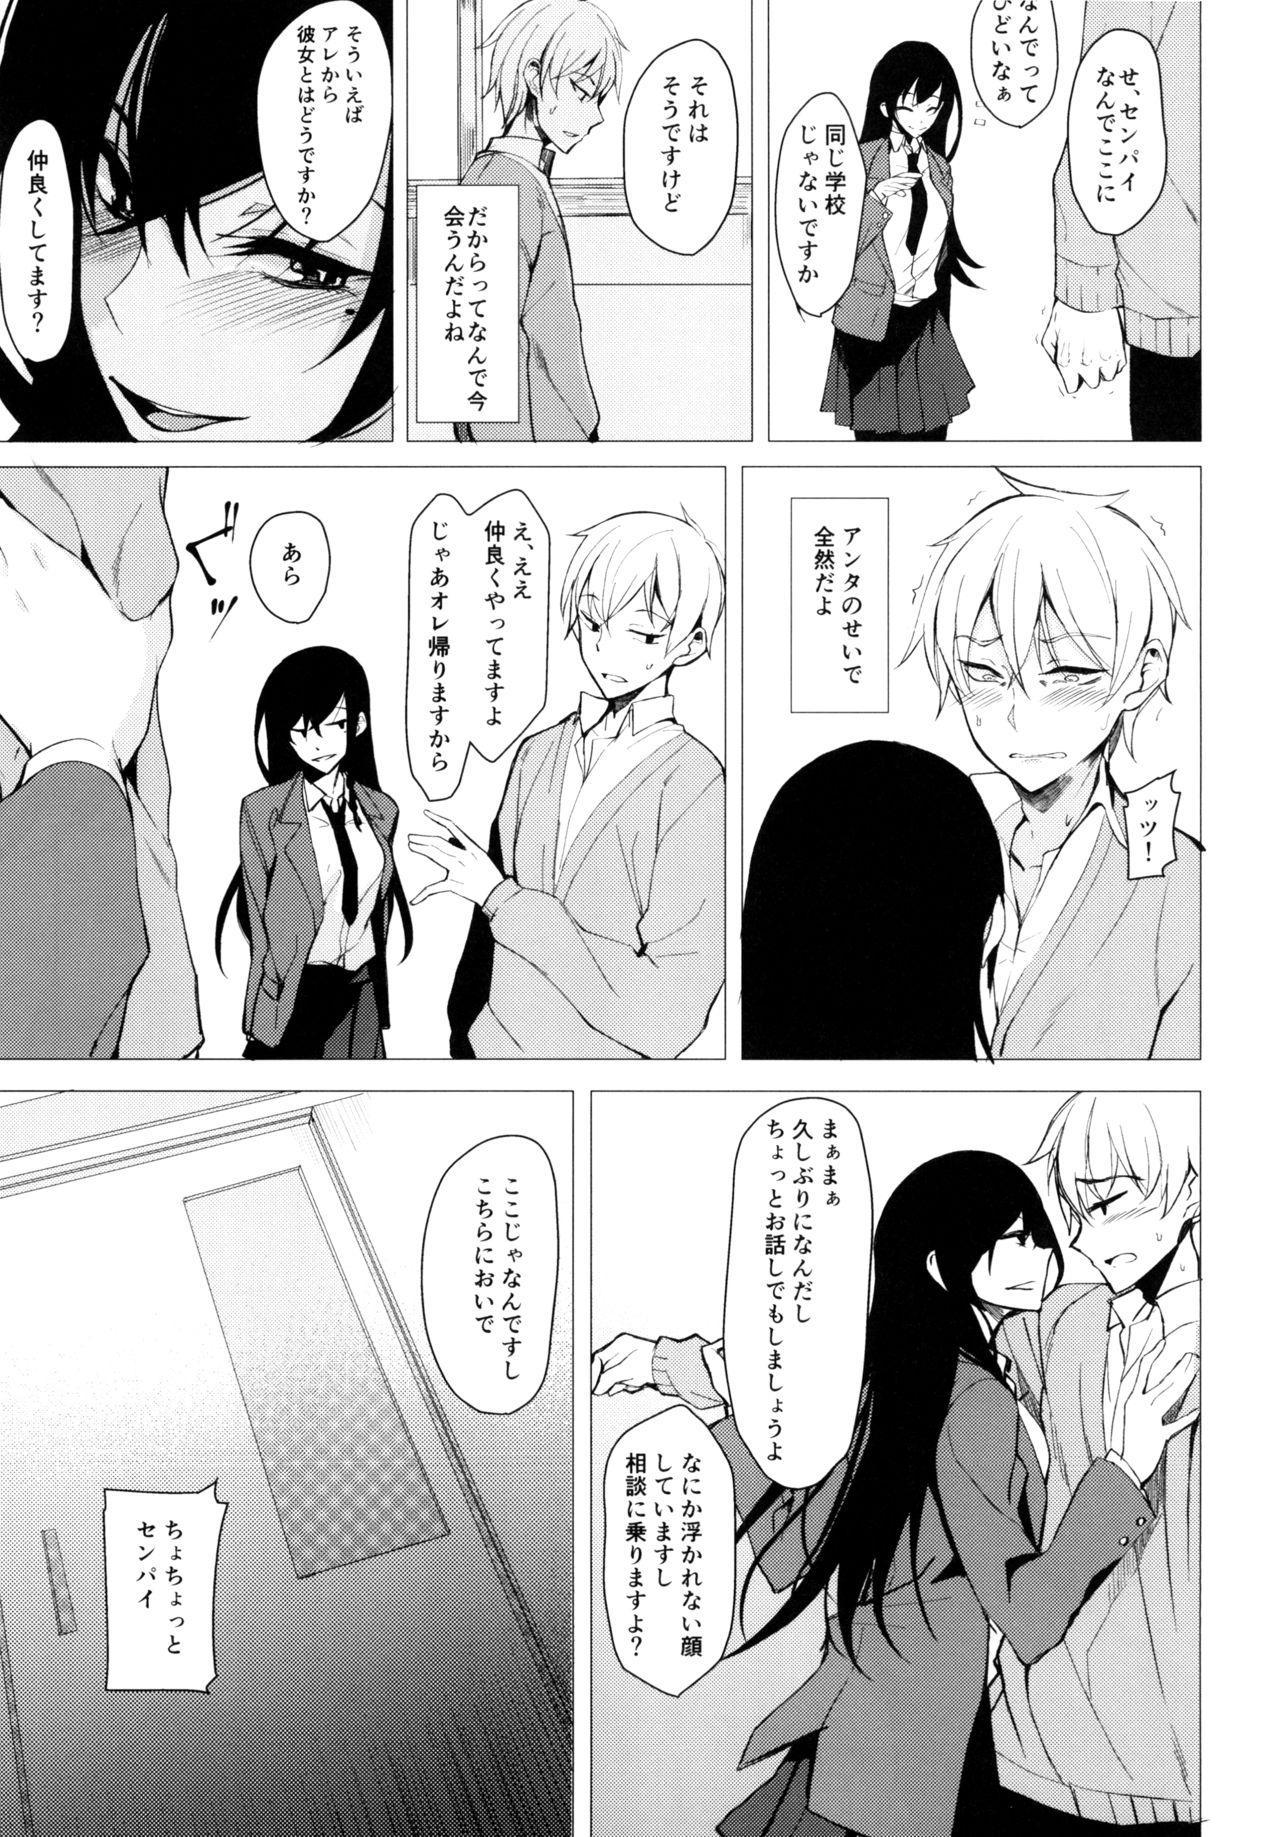 Futatabi Senpai ni Osowareru Hon 5